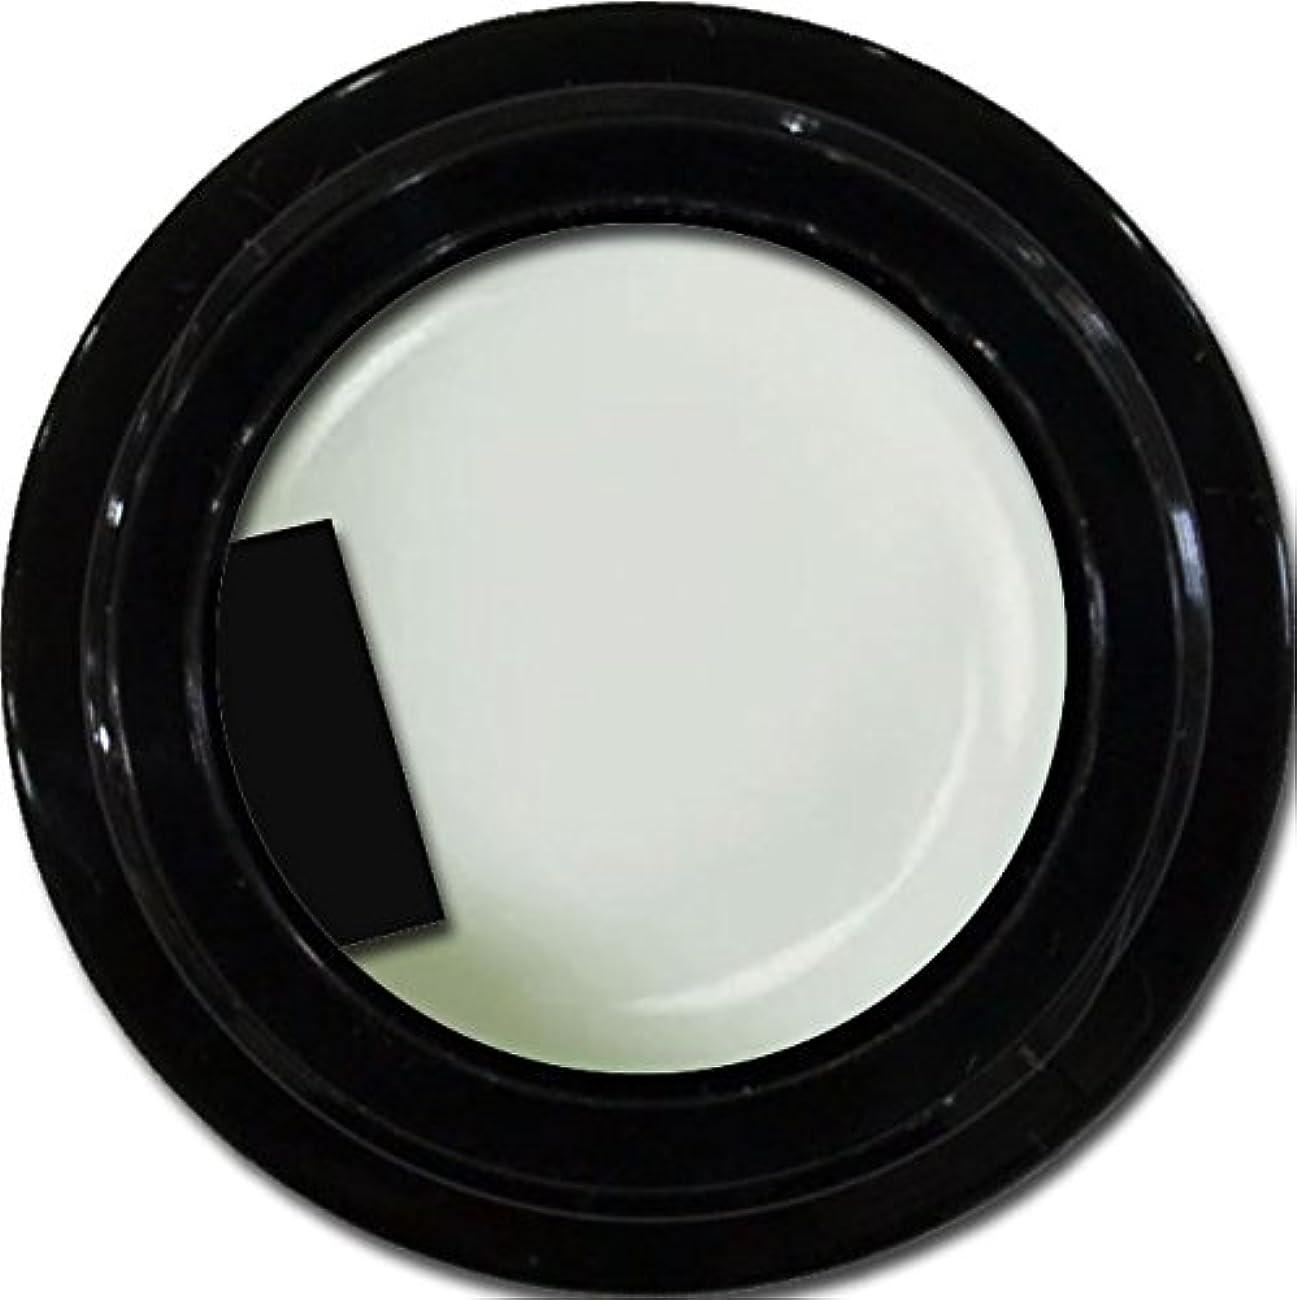 カラージェル enchant color gel M801 ChiffonGray 3g/ マットカラージェル M801 シフォングレー 3グラム